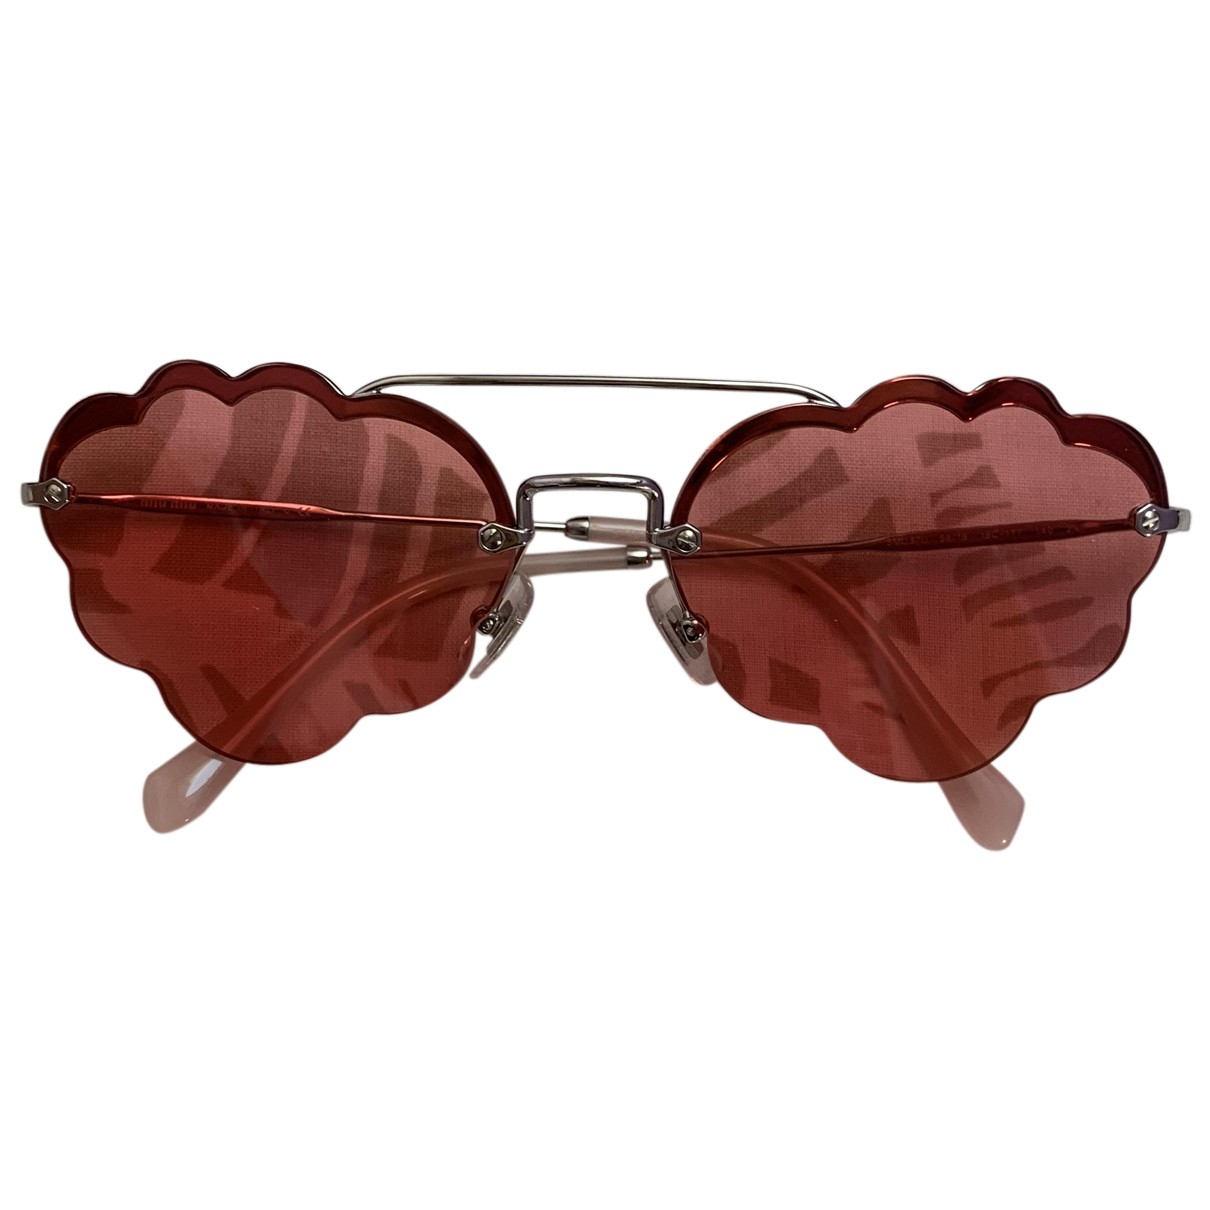 Miu Miu N Pink Metal Sunglasses for Women N